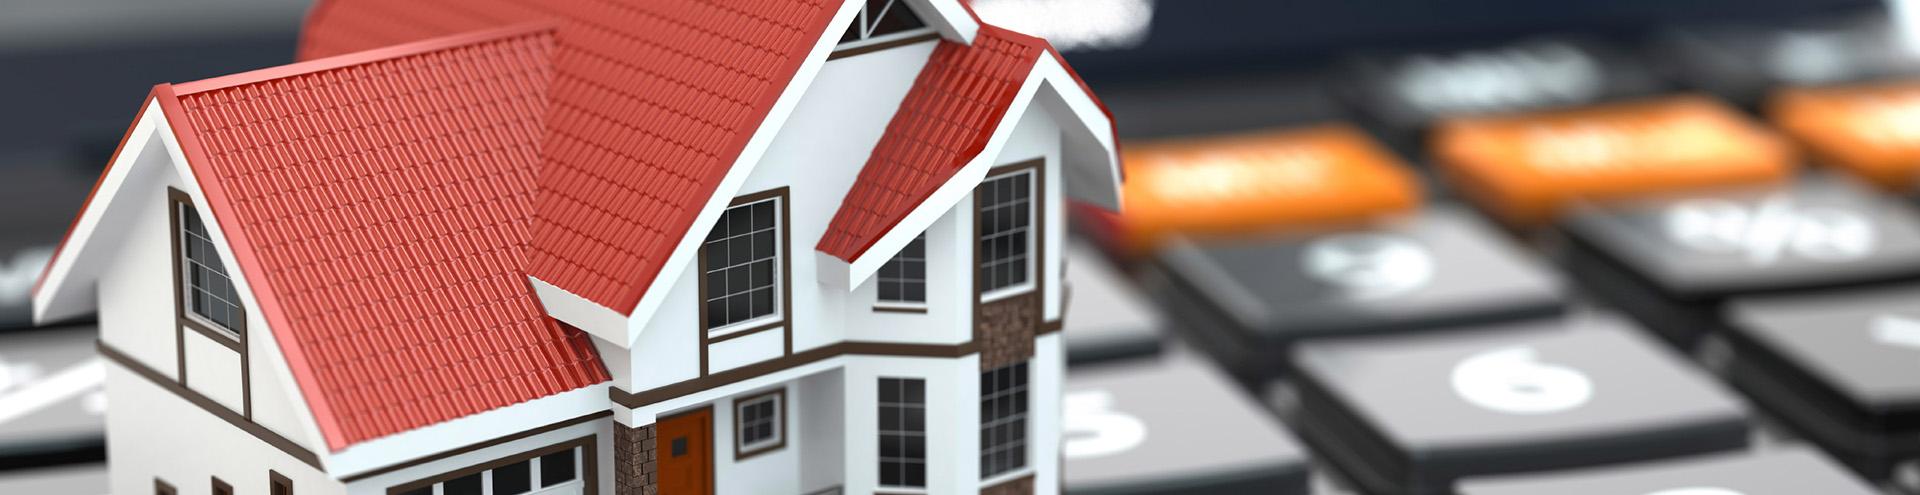 кадастровая стоимость квартиры в Чебоксарах